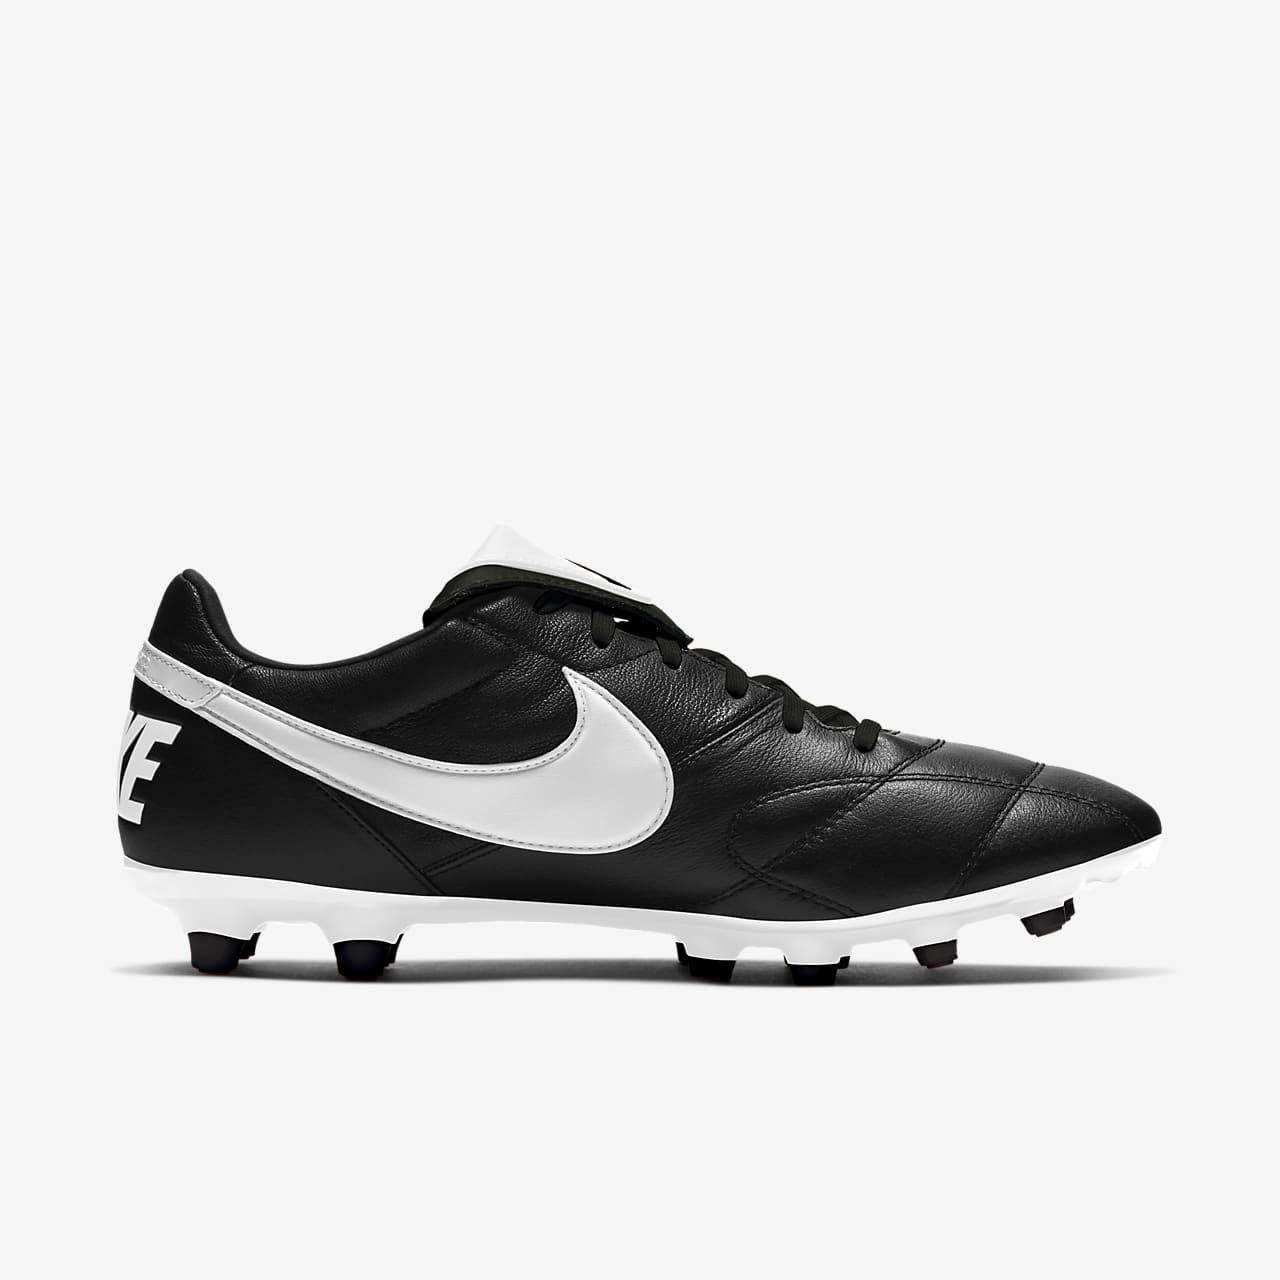 scarpe da calcio nike premier